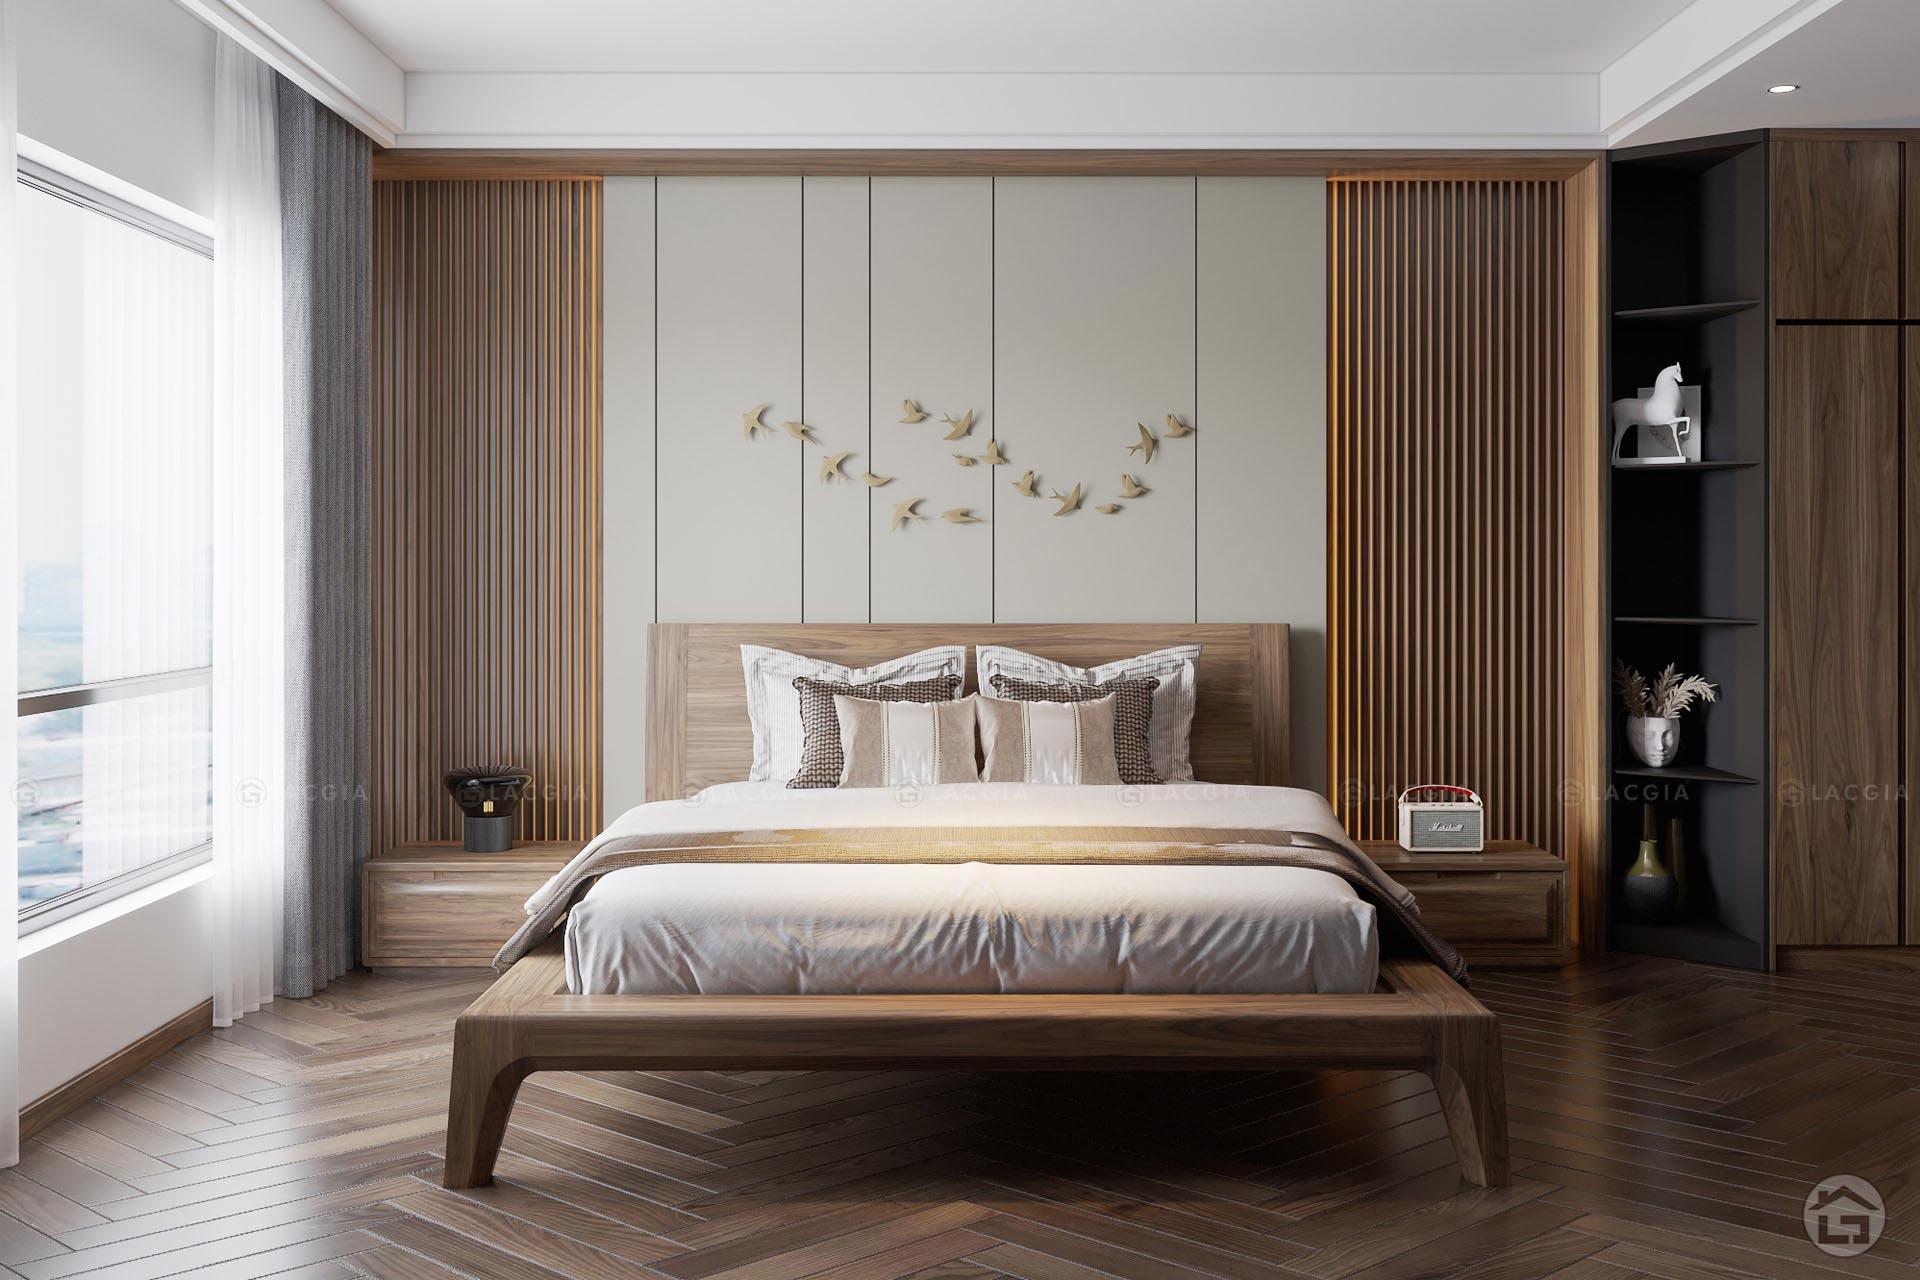 giuong ngu go hien dai gn20 1 - Giường ngủ gỗ hiện đại GN20